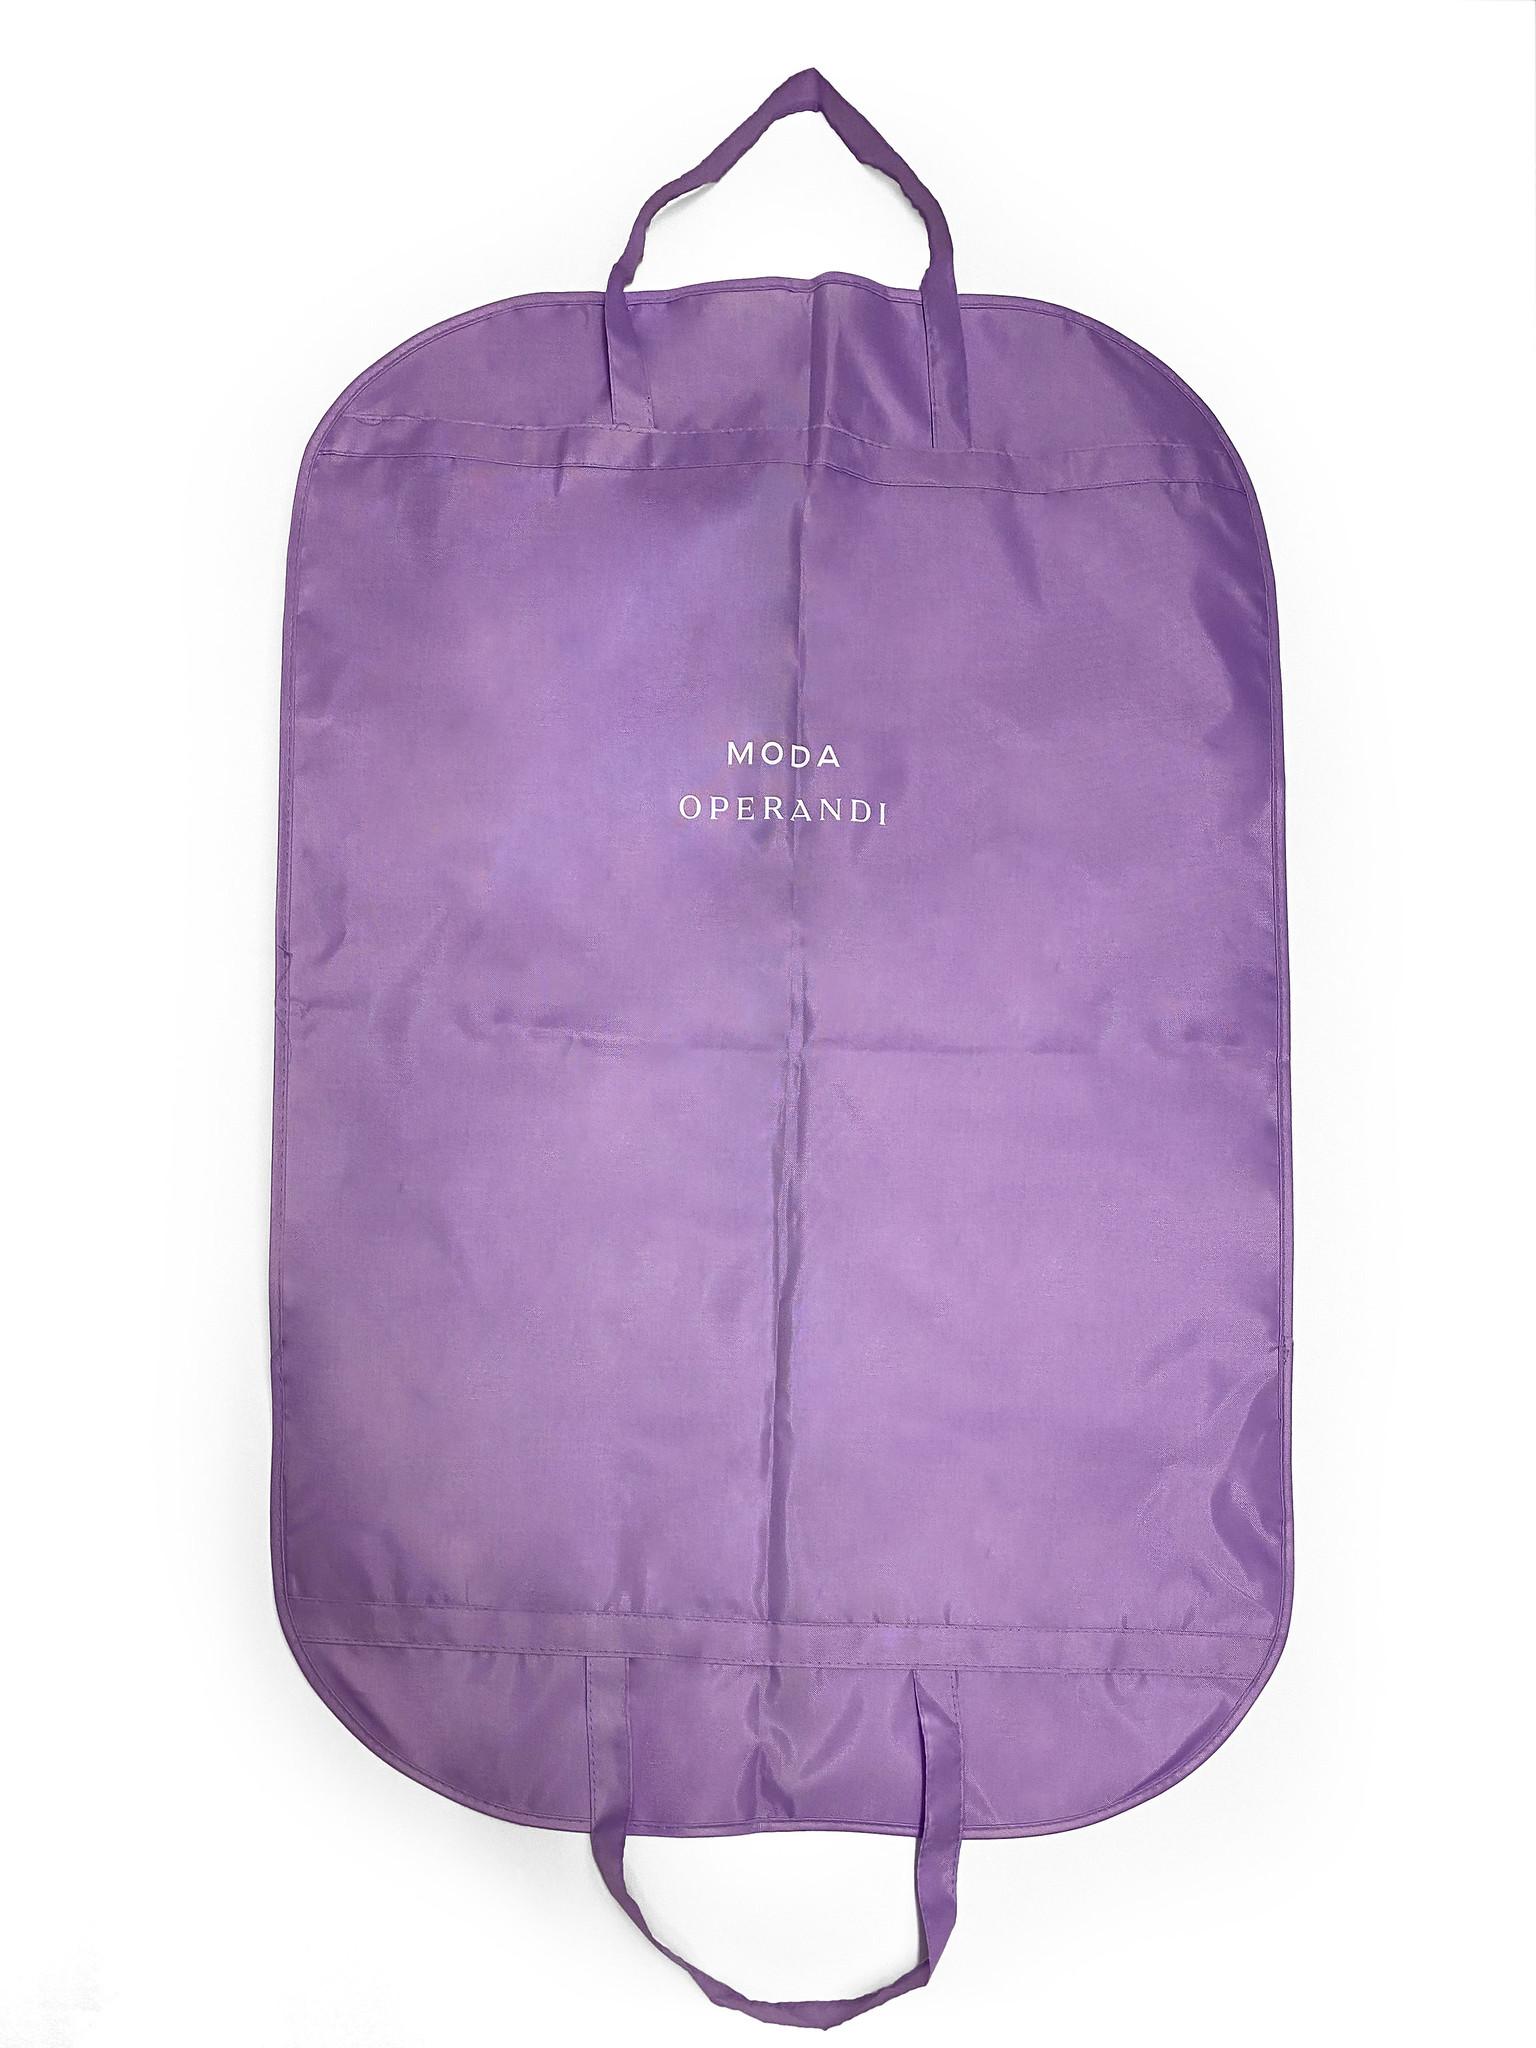 Custom Printed Garment Bags & Retail Packaging: Moda Operandi